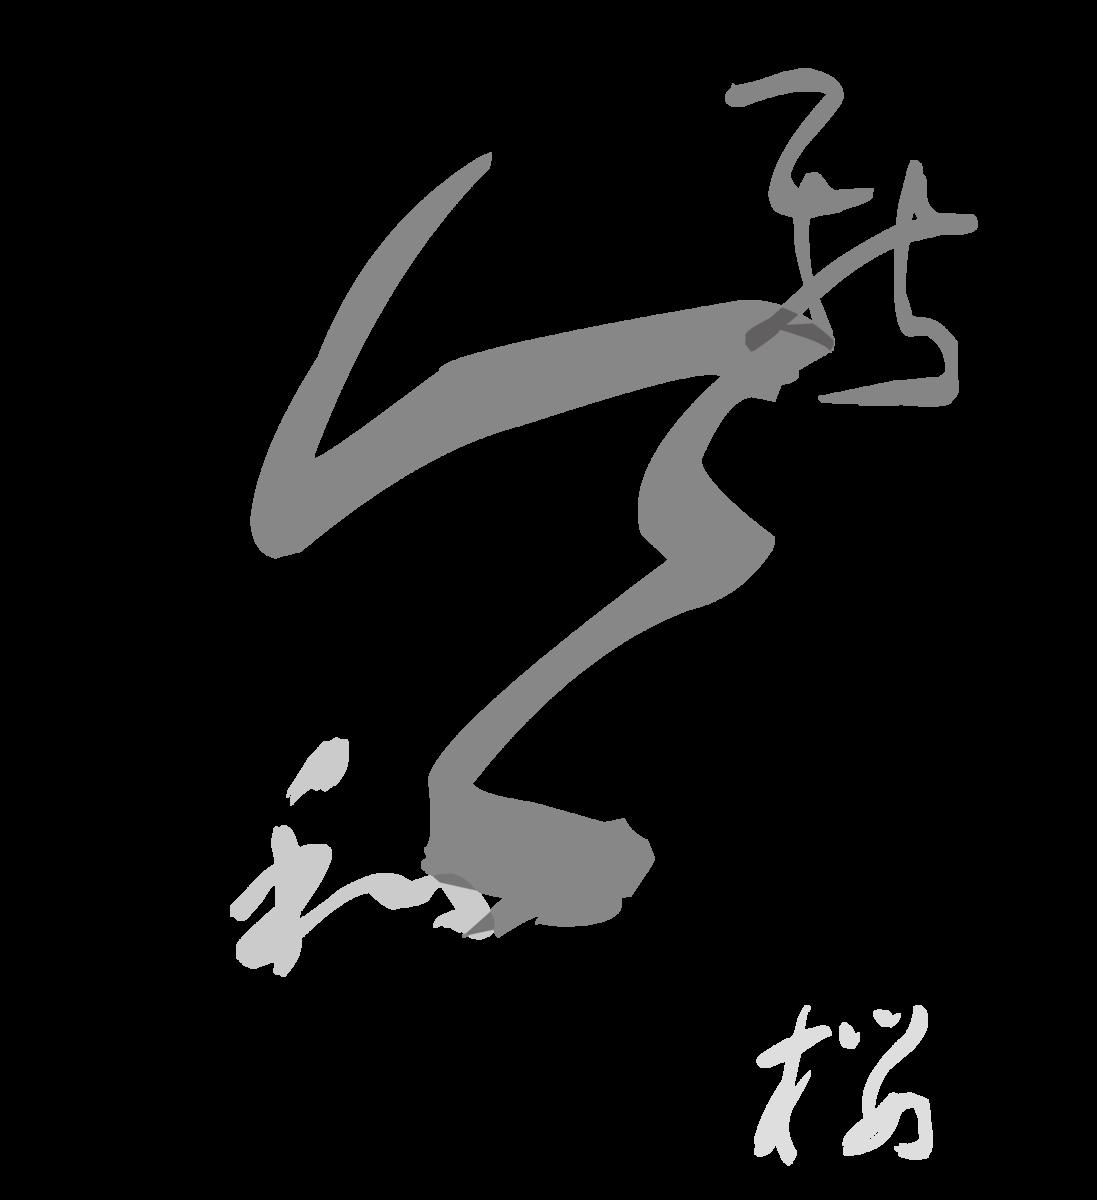 f:id:mojiru:20191213092438p:plain